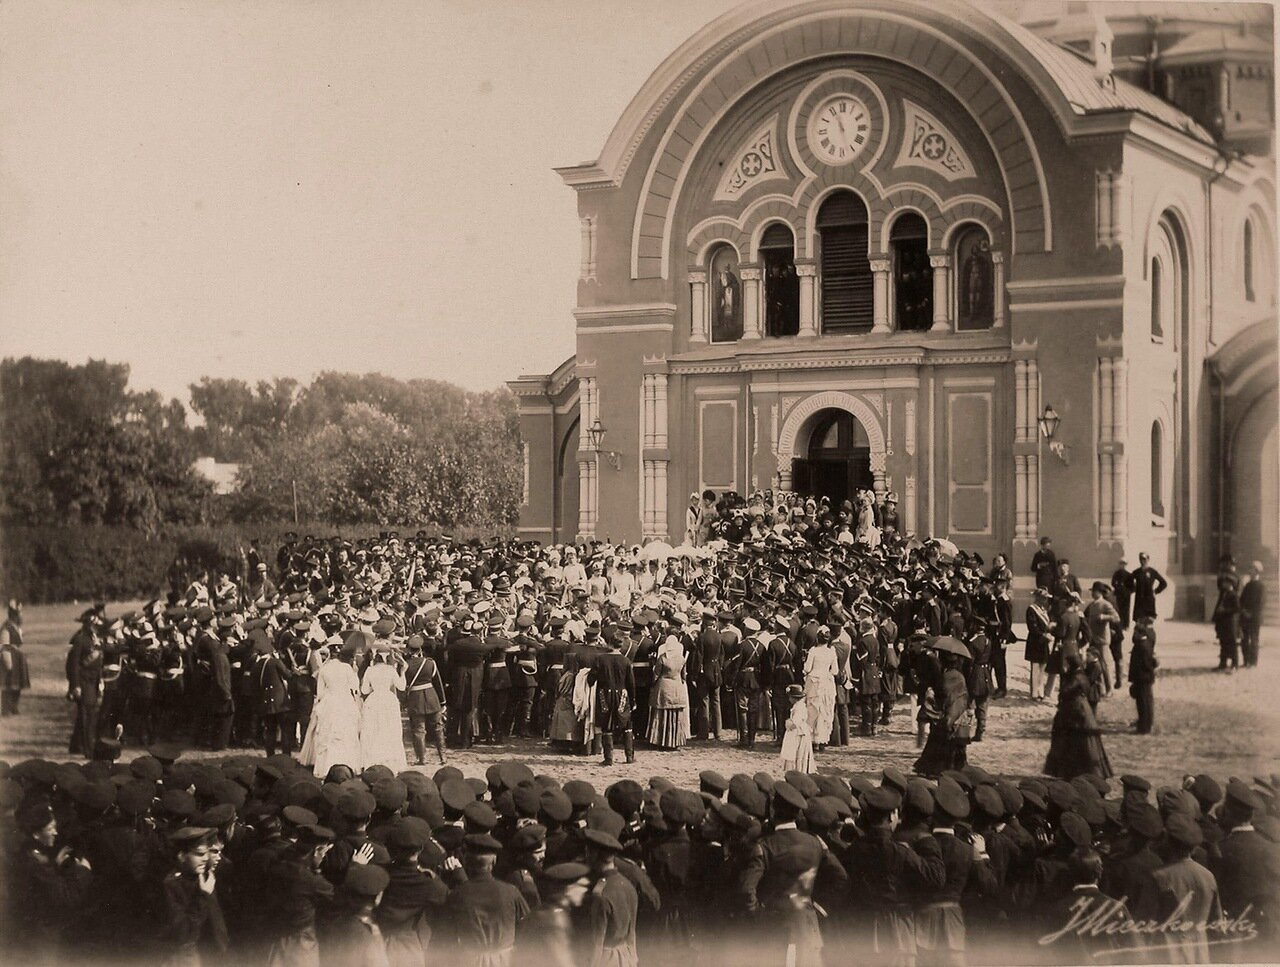 33. Император Александр III, императрица Мария Федоровна, члены императорской фамилии, сопровождающие их лица среди группы местных жителей после выхода из собора